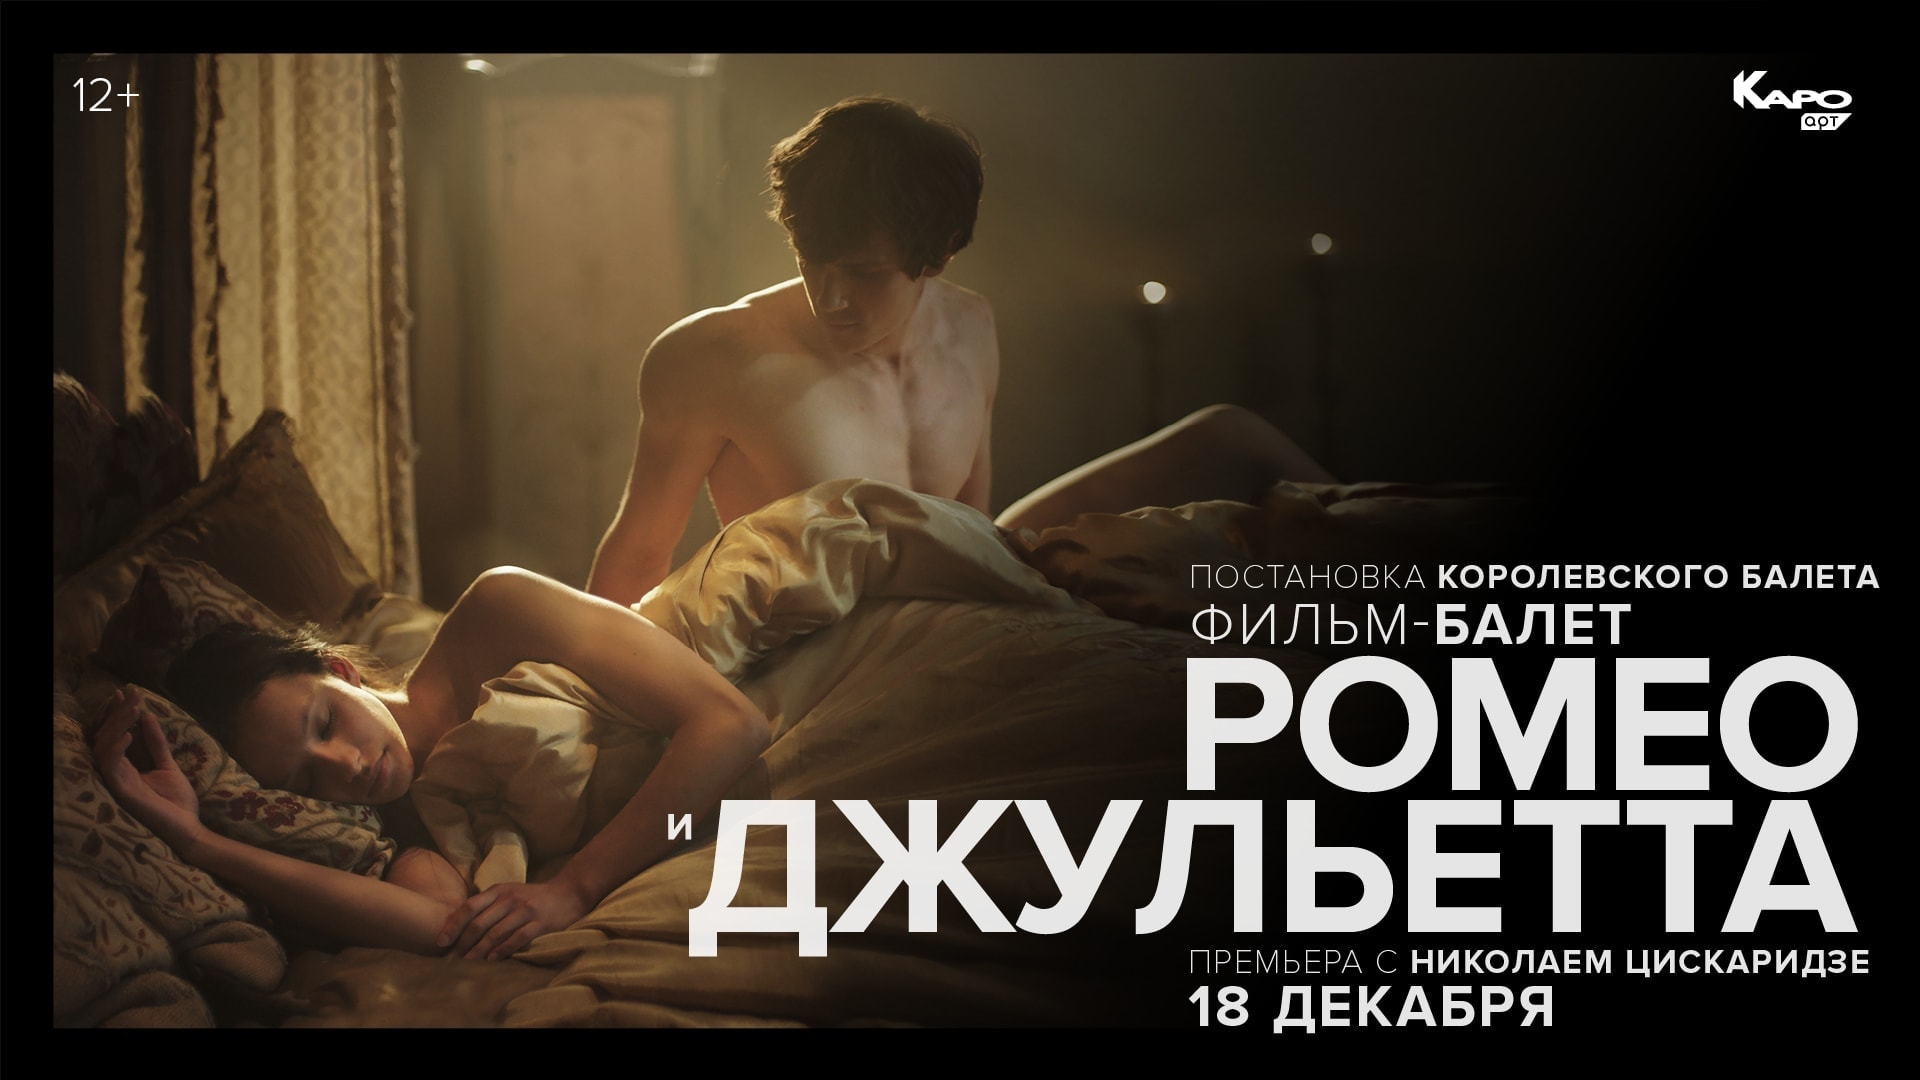 """Николай Цискаридзе представит премьеру фильма-балета """"Ромео и Джульетта"""""""